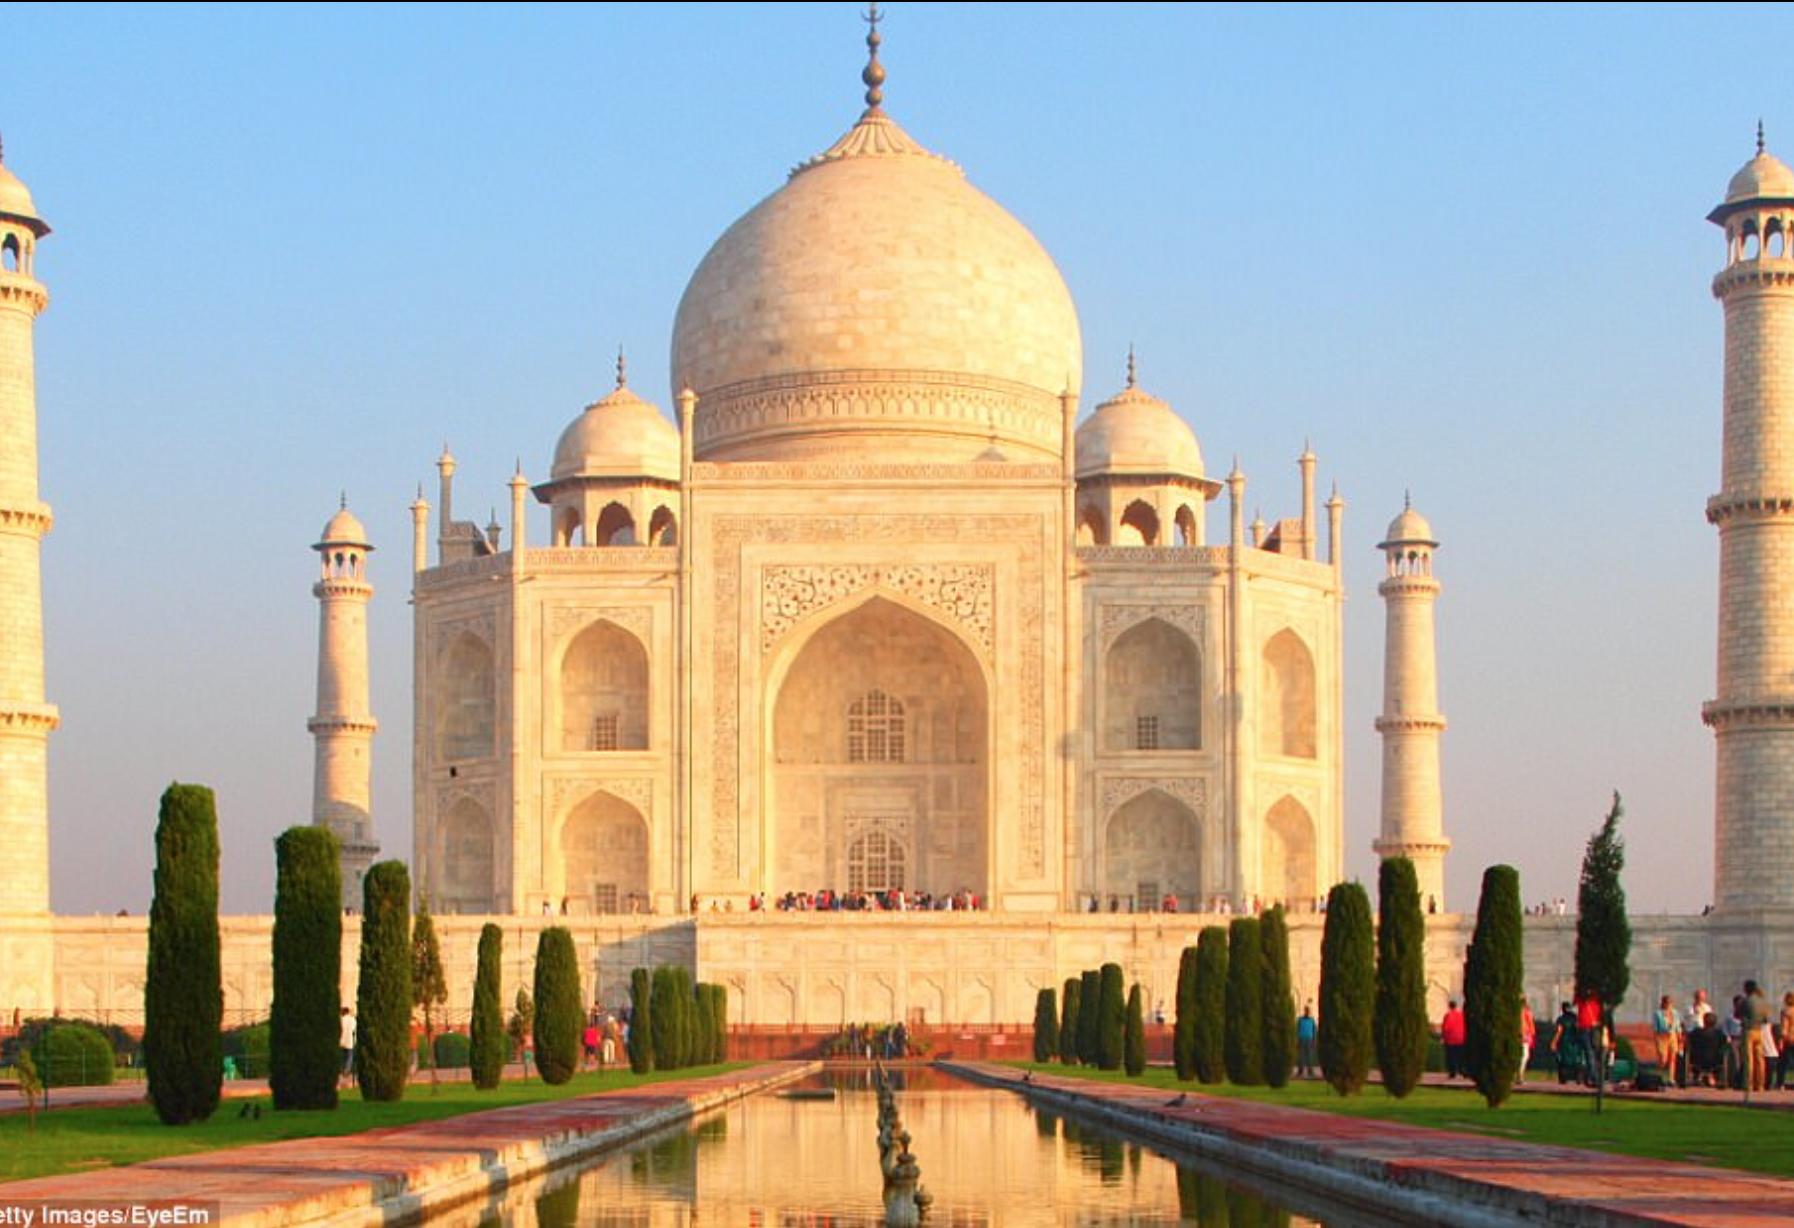 Lăng Taj Mahal biểu tượng của Ấn Độ đã chuyển thành màu vàng vì một lý do cực kỳ đáng ngại - ảnh 2